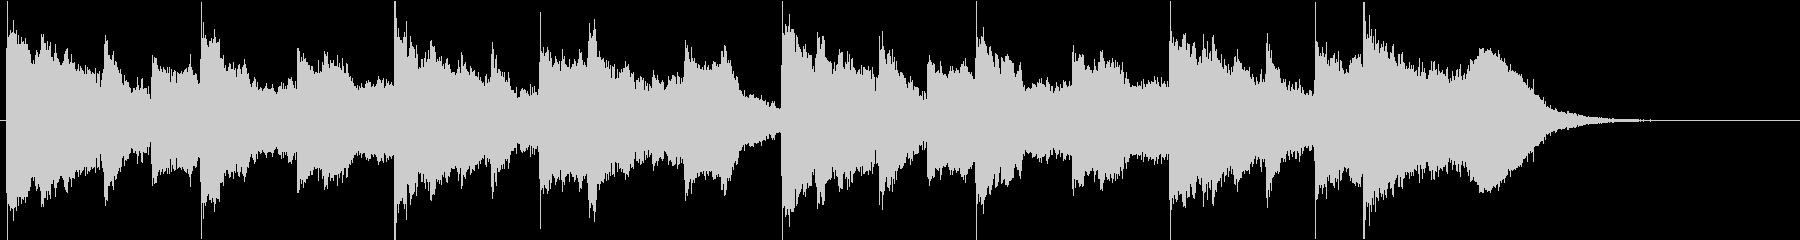 切ない雰囲気の曲の未再生の波形